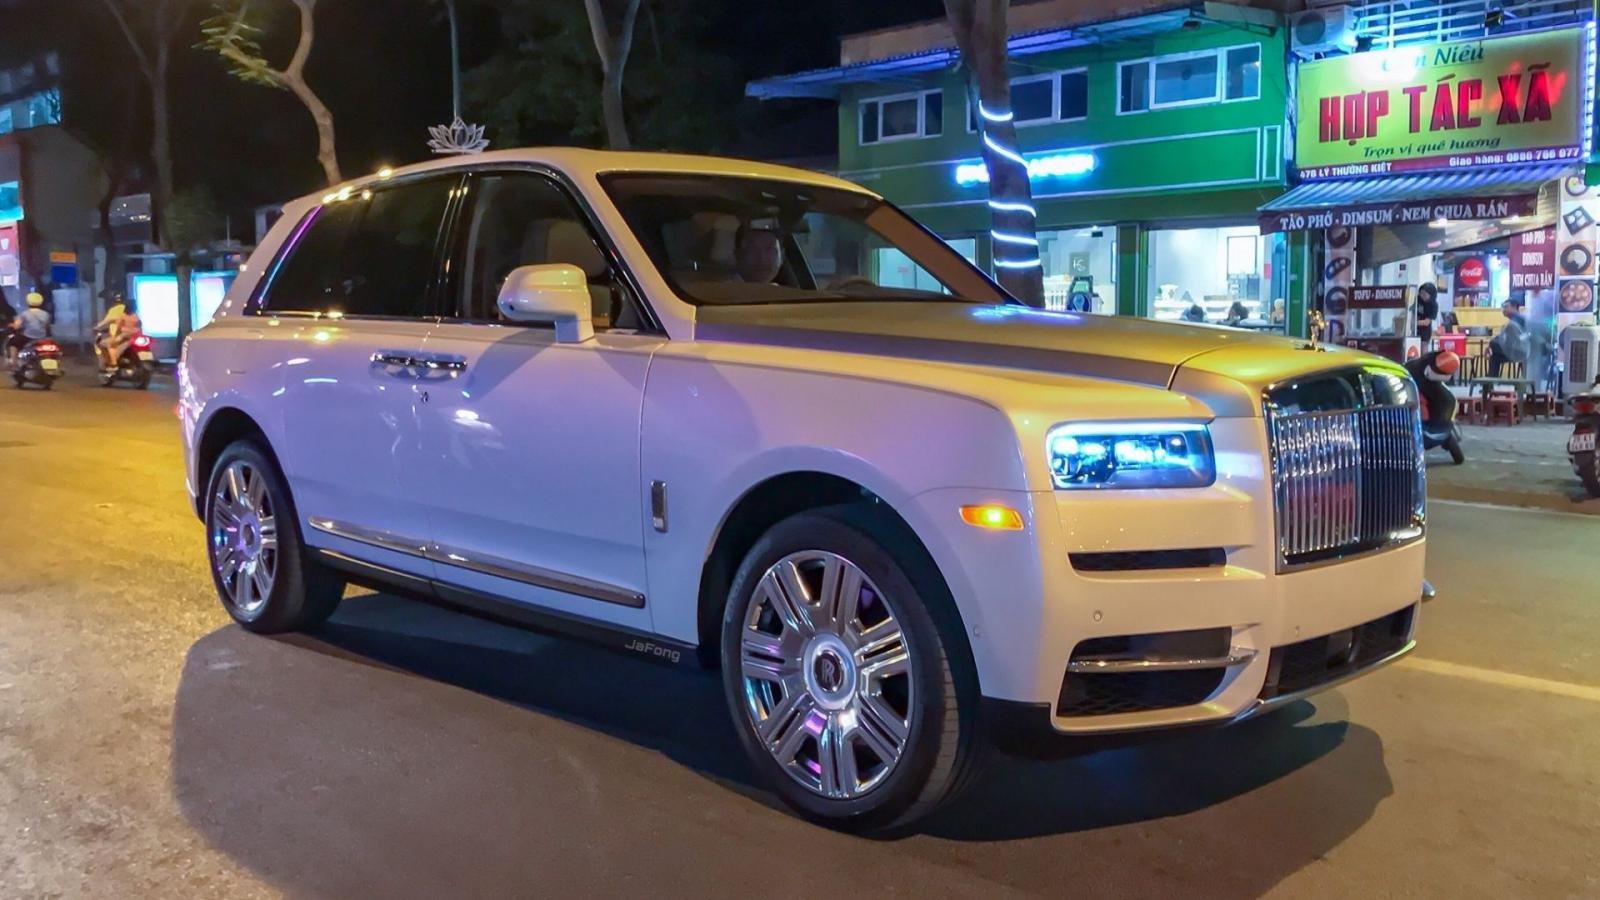 Siêu SUV Rolls-Royce Cullinan 2019 giá trên 40 tỷ đồng dạo phố Hà Nội a1